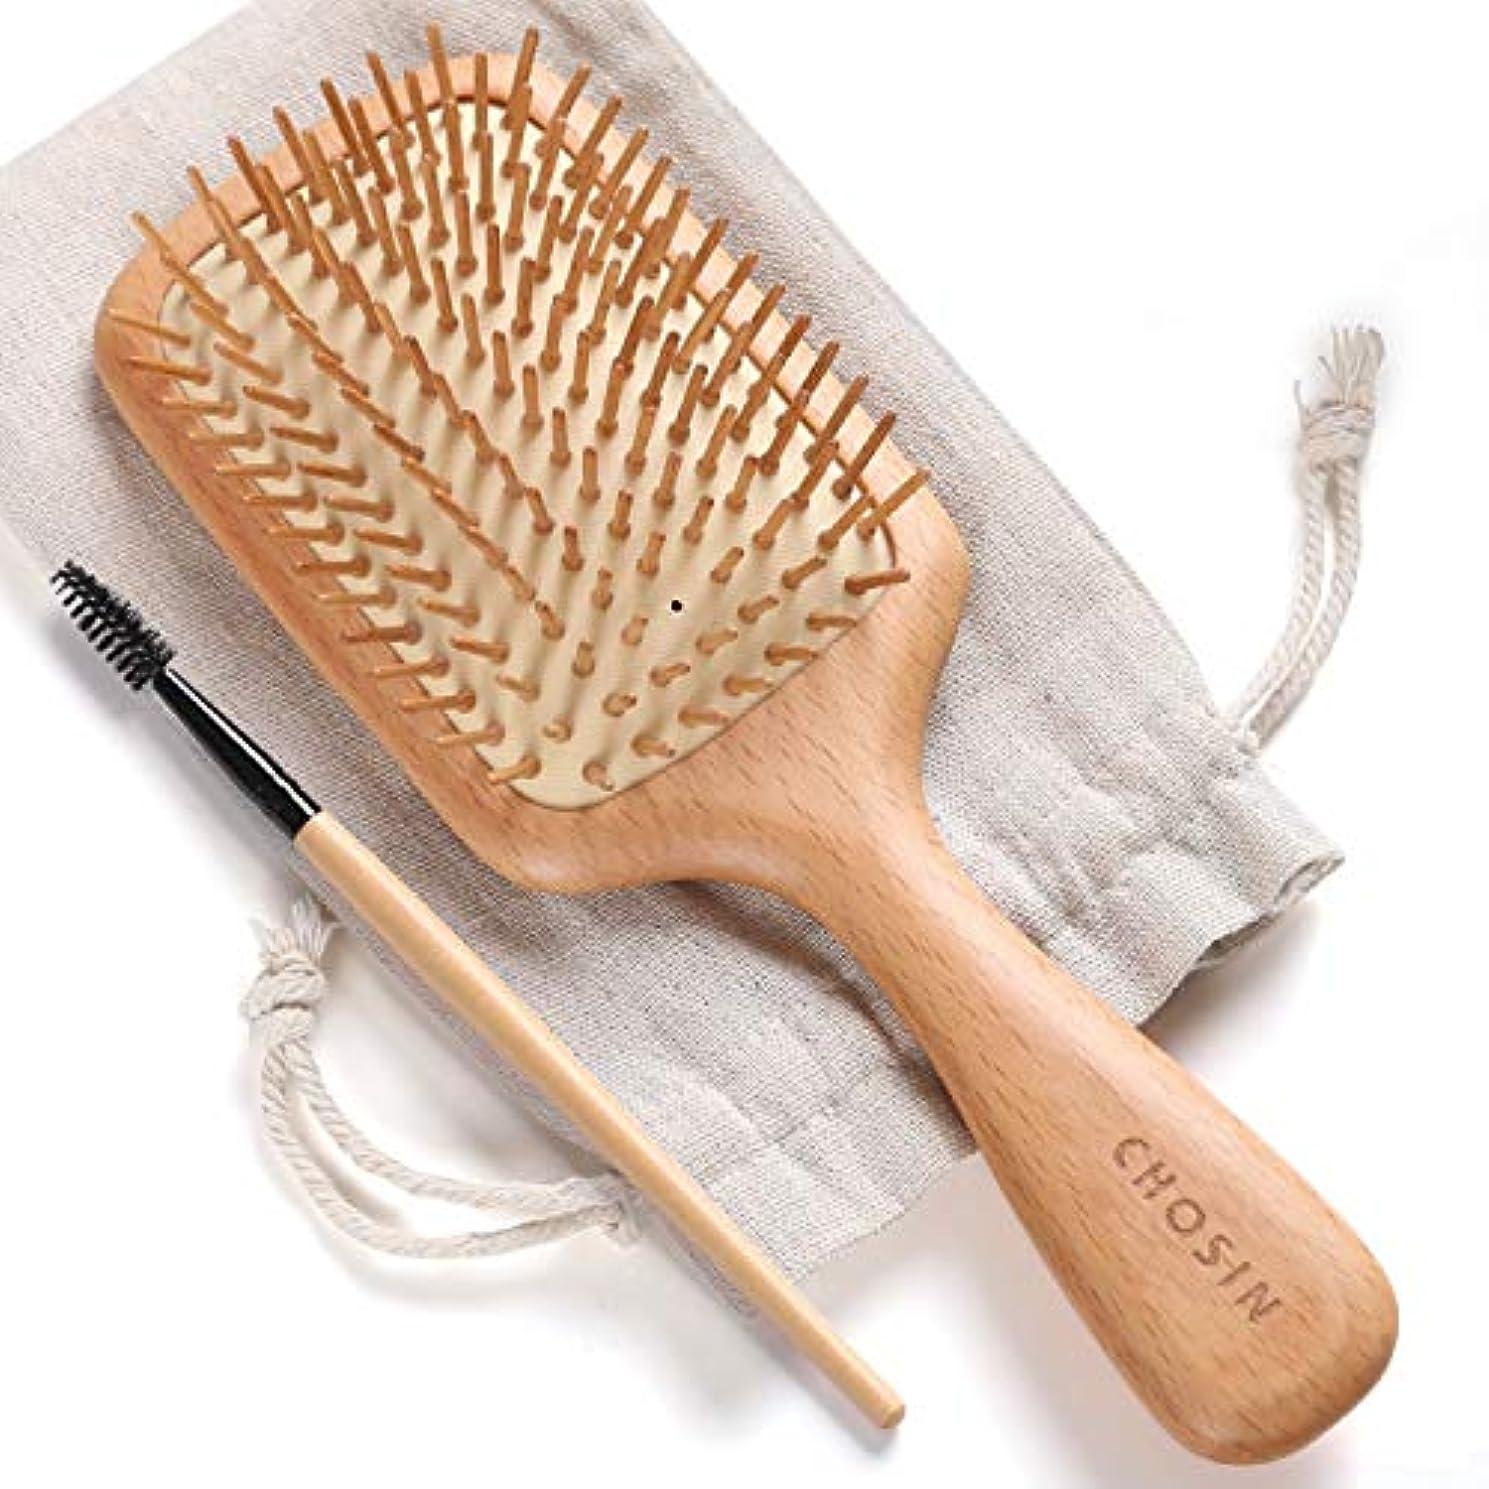 追加おなかがすいた灌漑ヘアブラシ CHOSIN 頭皮マッサージ 木製櫛 髪をなめらかにする ヘアケア 静電気防止脱毛防止頭皮の圧迫軽減 男性と女性への適用